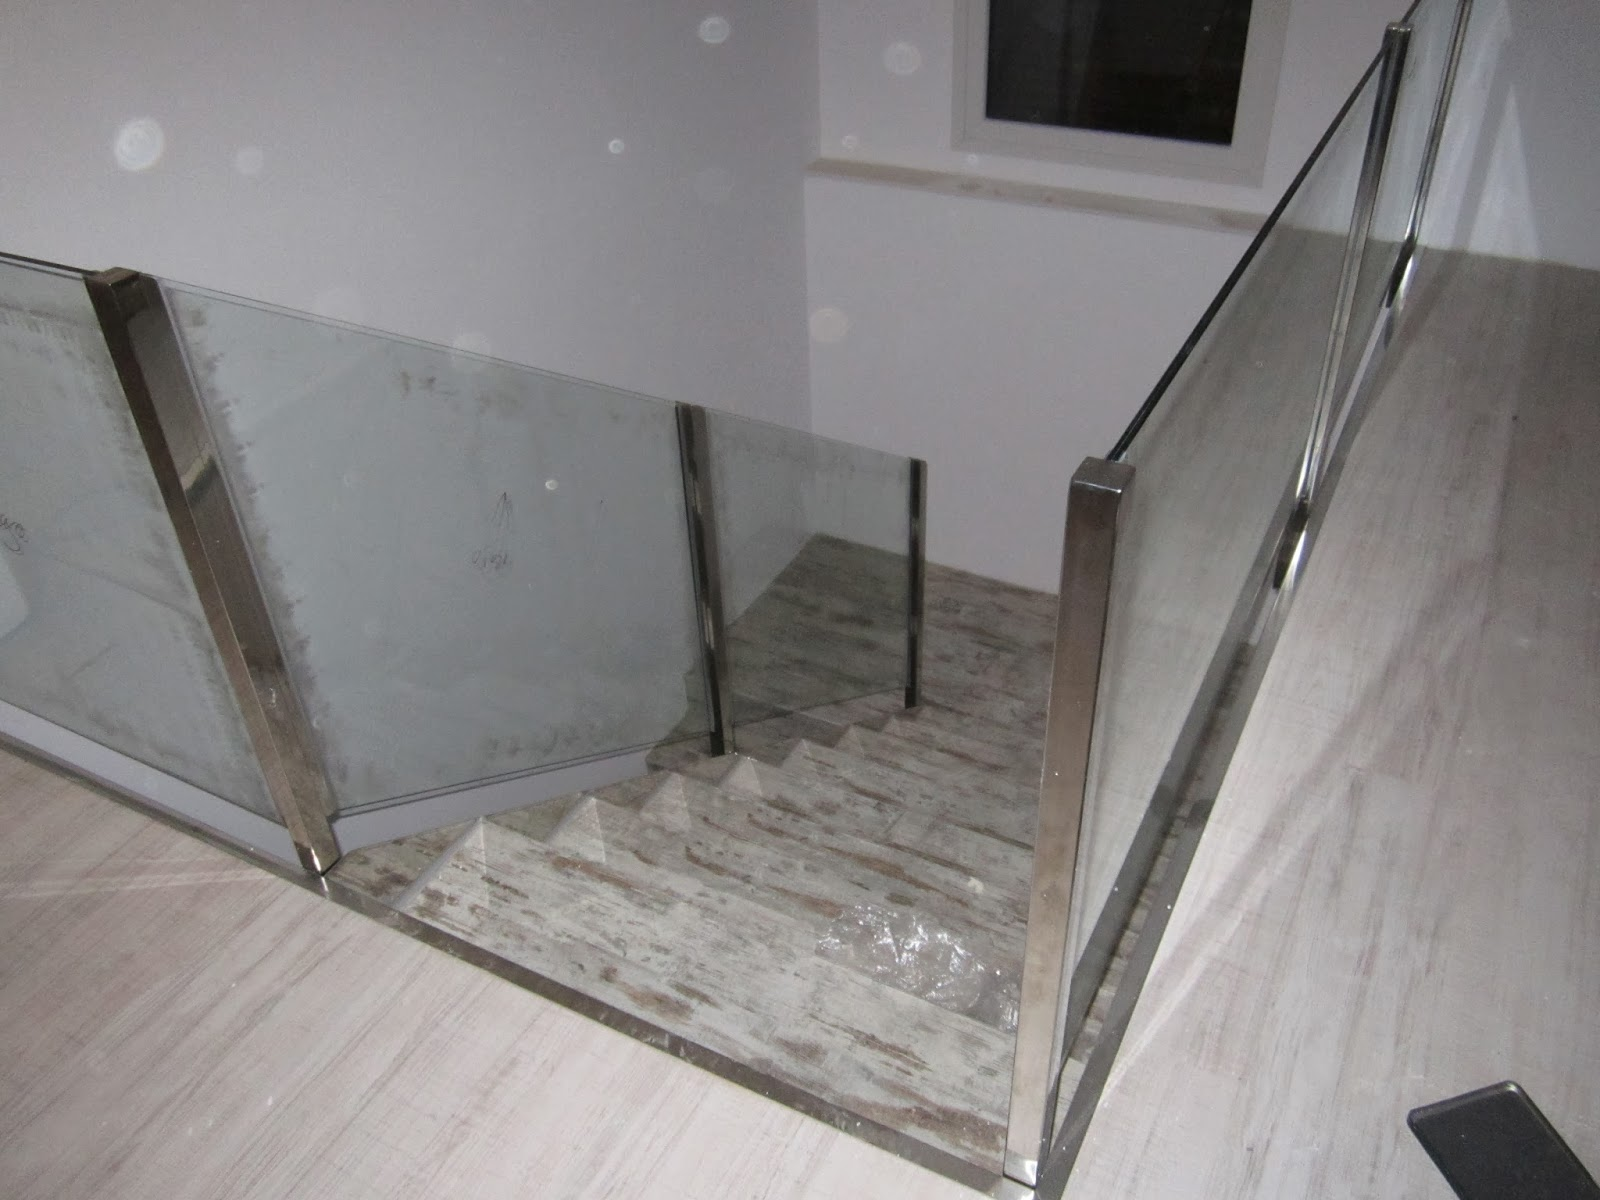 Norbel carpinteria met lica y acero inoxidable barandilla - Barandillas cristal para escaleras ...